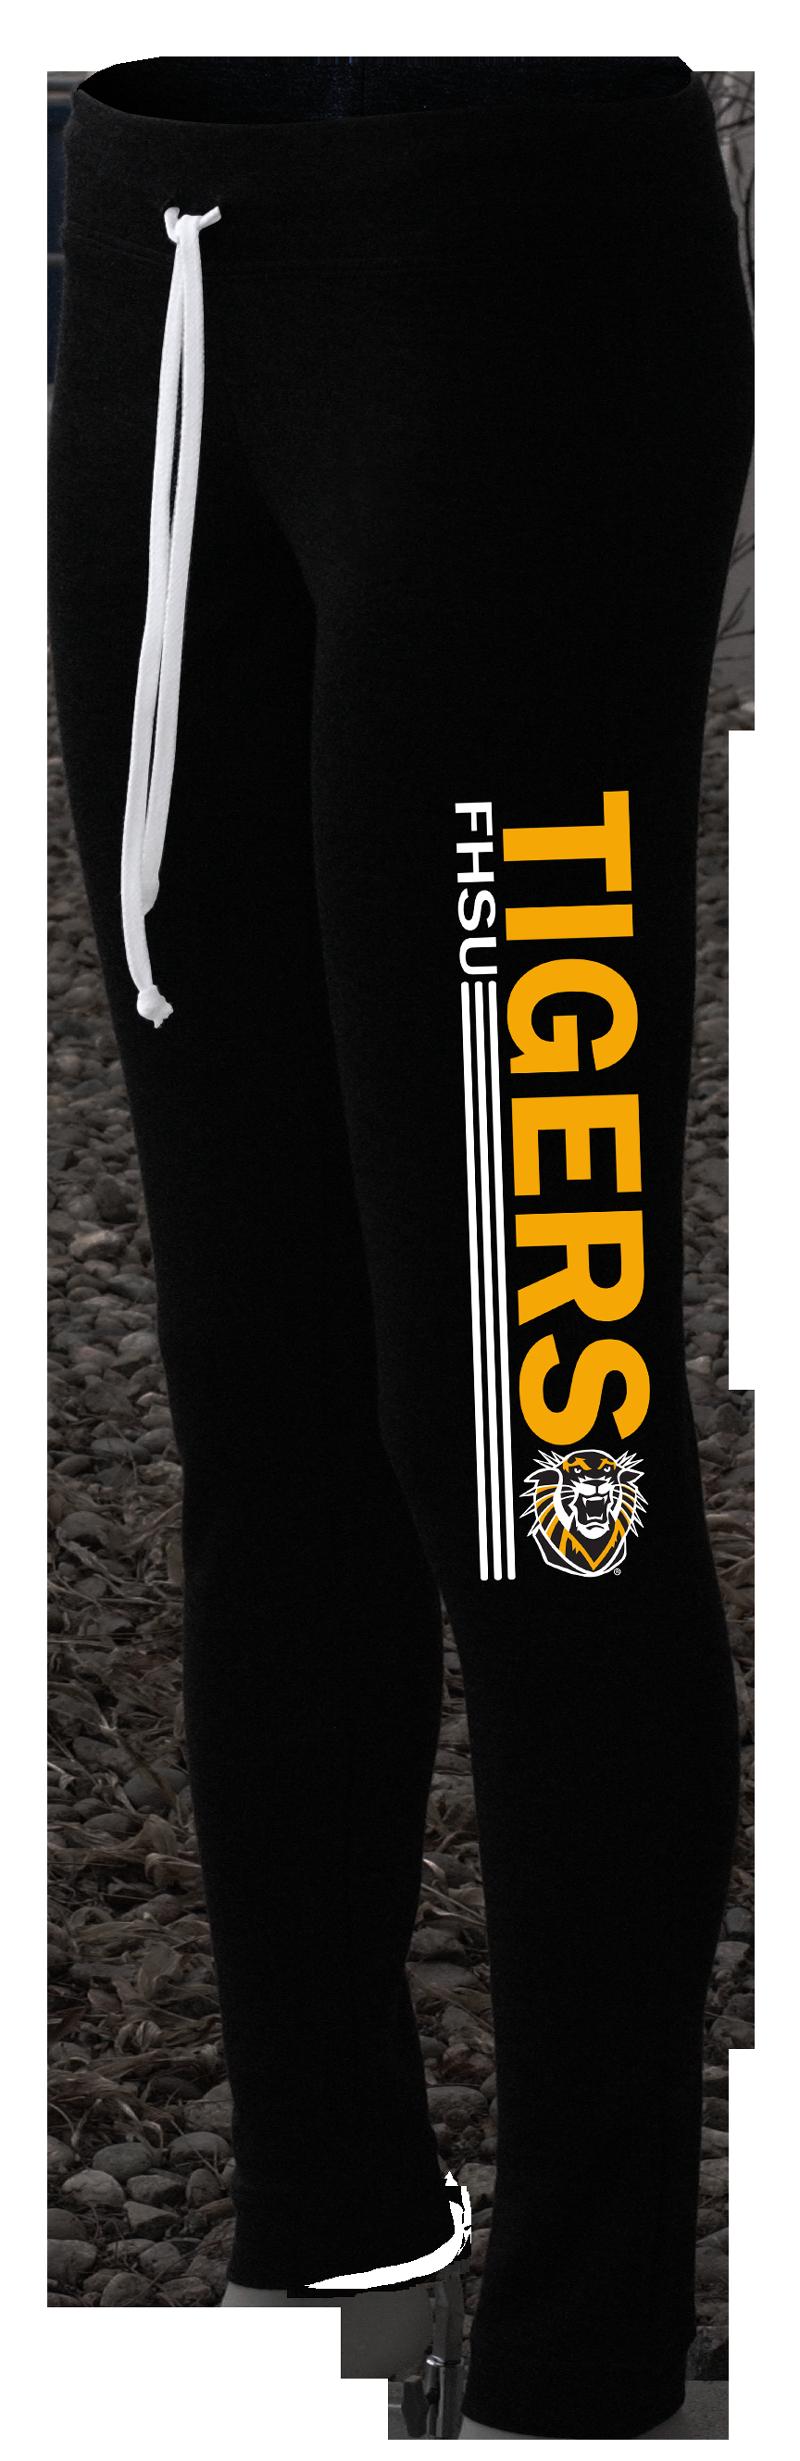 Image for the FHSU Scuba Pant, Black, U-Trau product